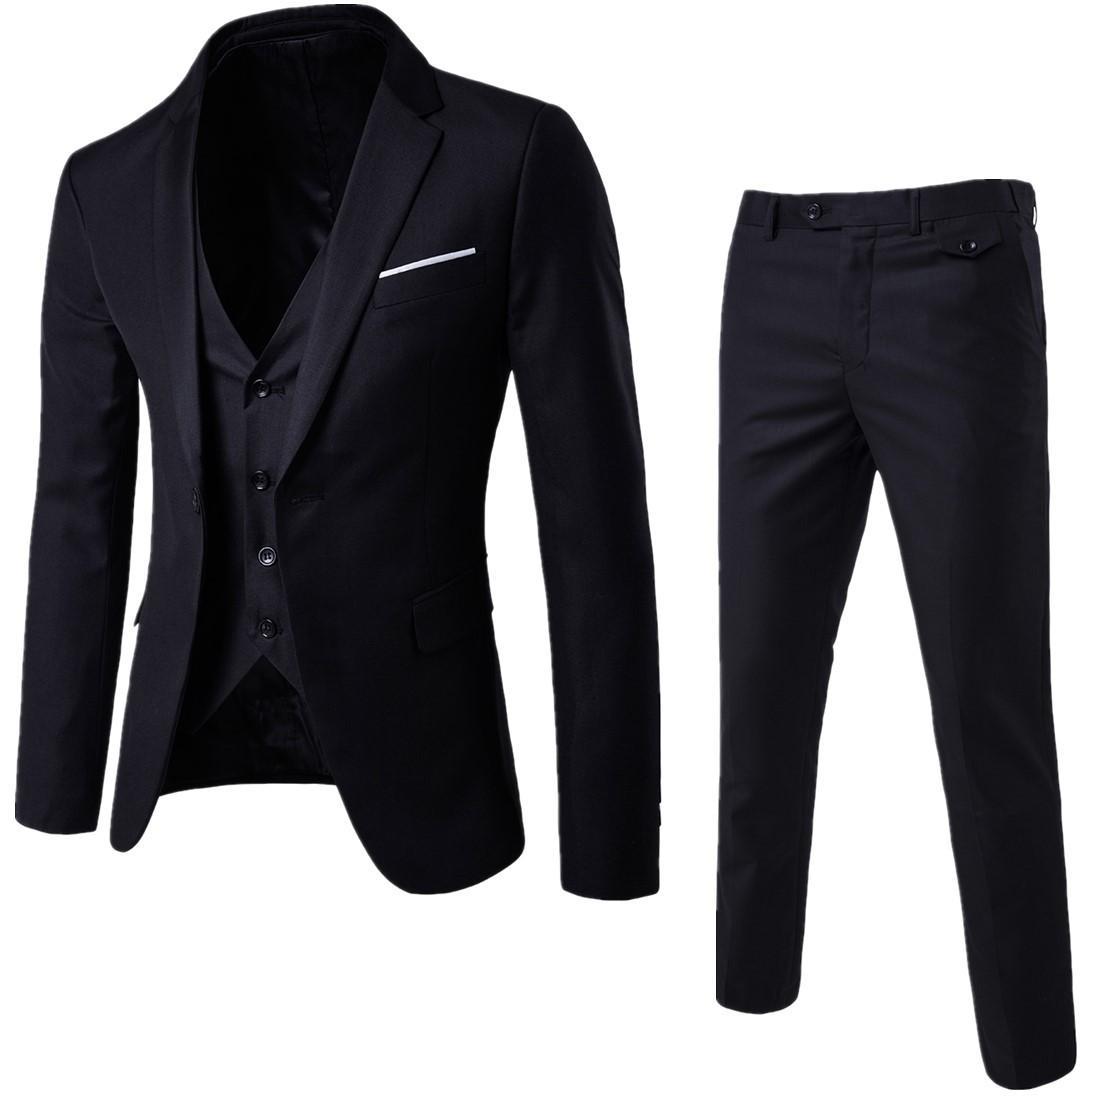 2019 İlkbahar Ve Sonbahar Yeni Stil Seti MEN'S Suit Üç parça Suit İngiltere Slim Fit Evlilik Resmi elbise 4-Renk Büyük Beden Seti M